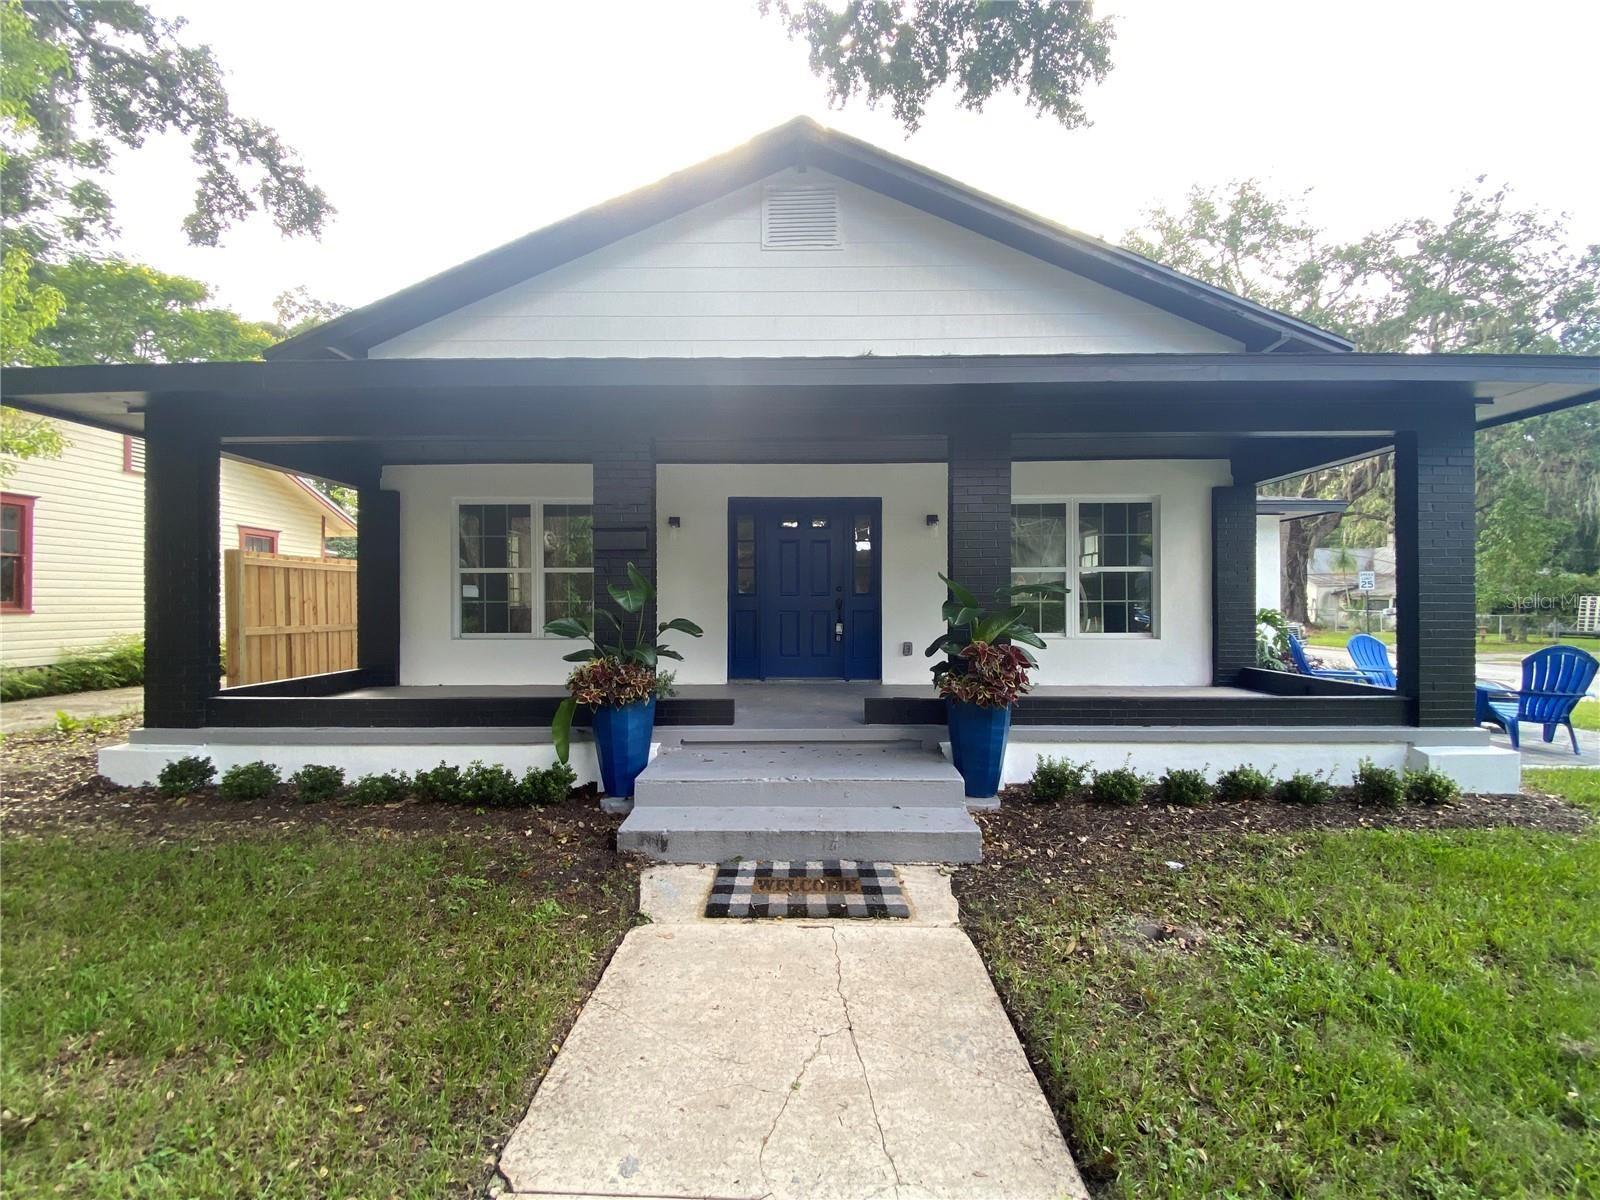 202 S LAKEVIEW AVENUE, Winter Garden, FL 34787 - #: O5959898